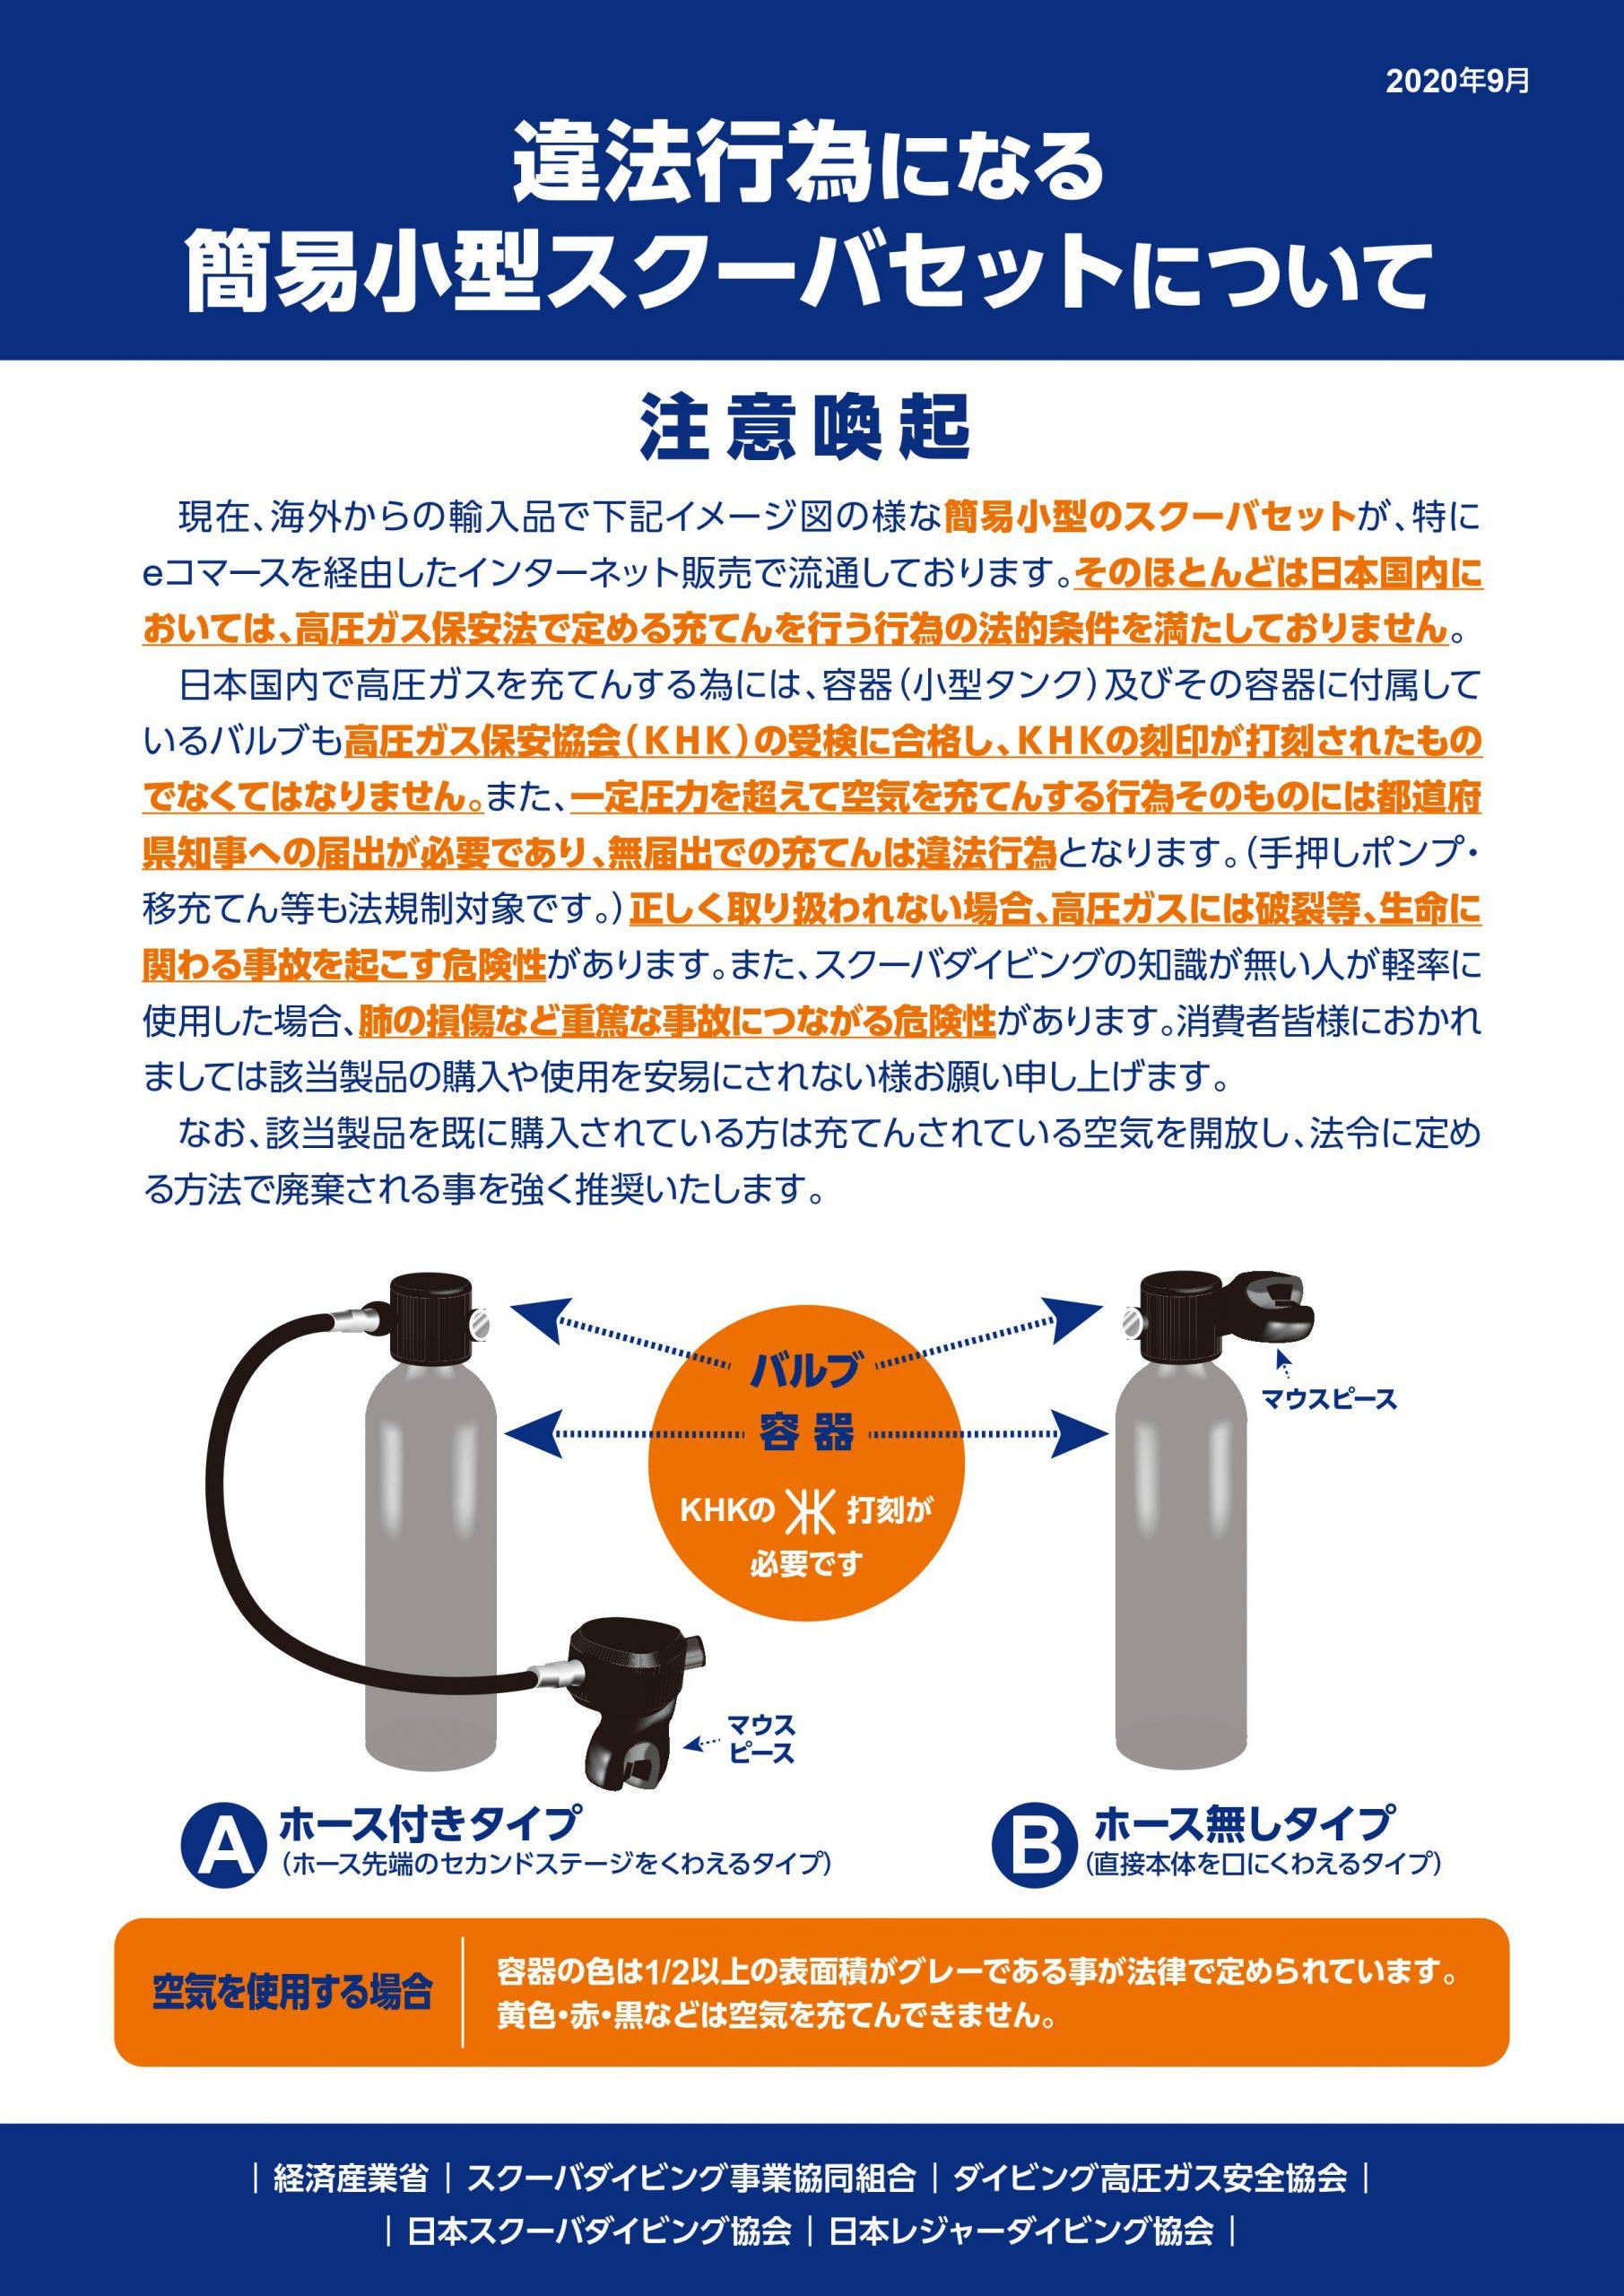 ガス khk 高圧